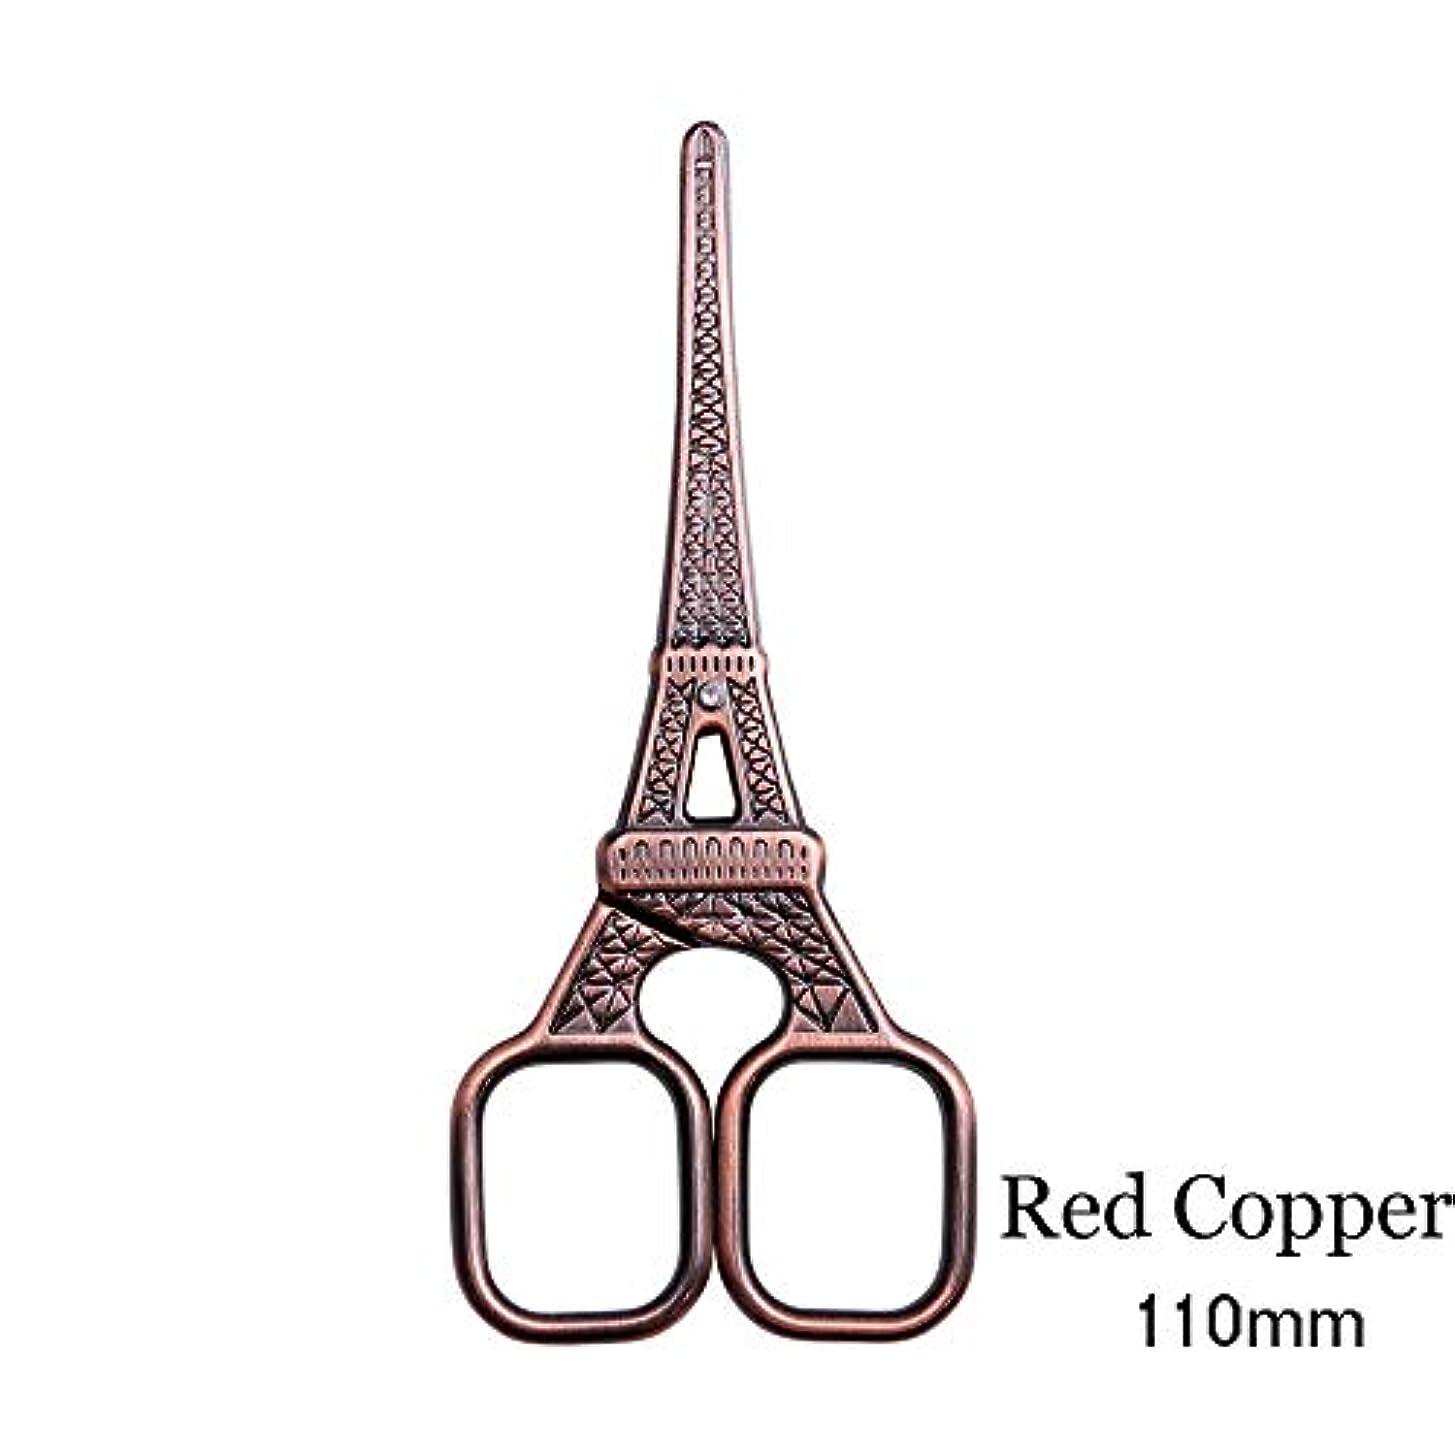 アフリカ争い未使用1ピースキューティクルカッターミニネイルはさみステンレス鋼ネイルニッパーカメレオンはさみプロのマニキュアメイクアップツールSAA37レッドコッパー